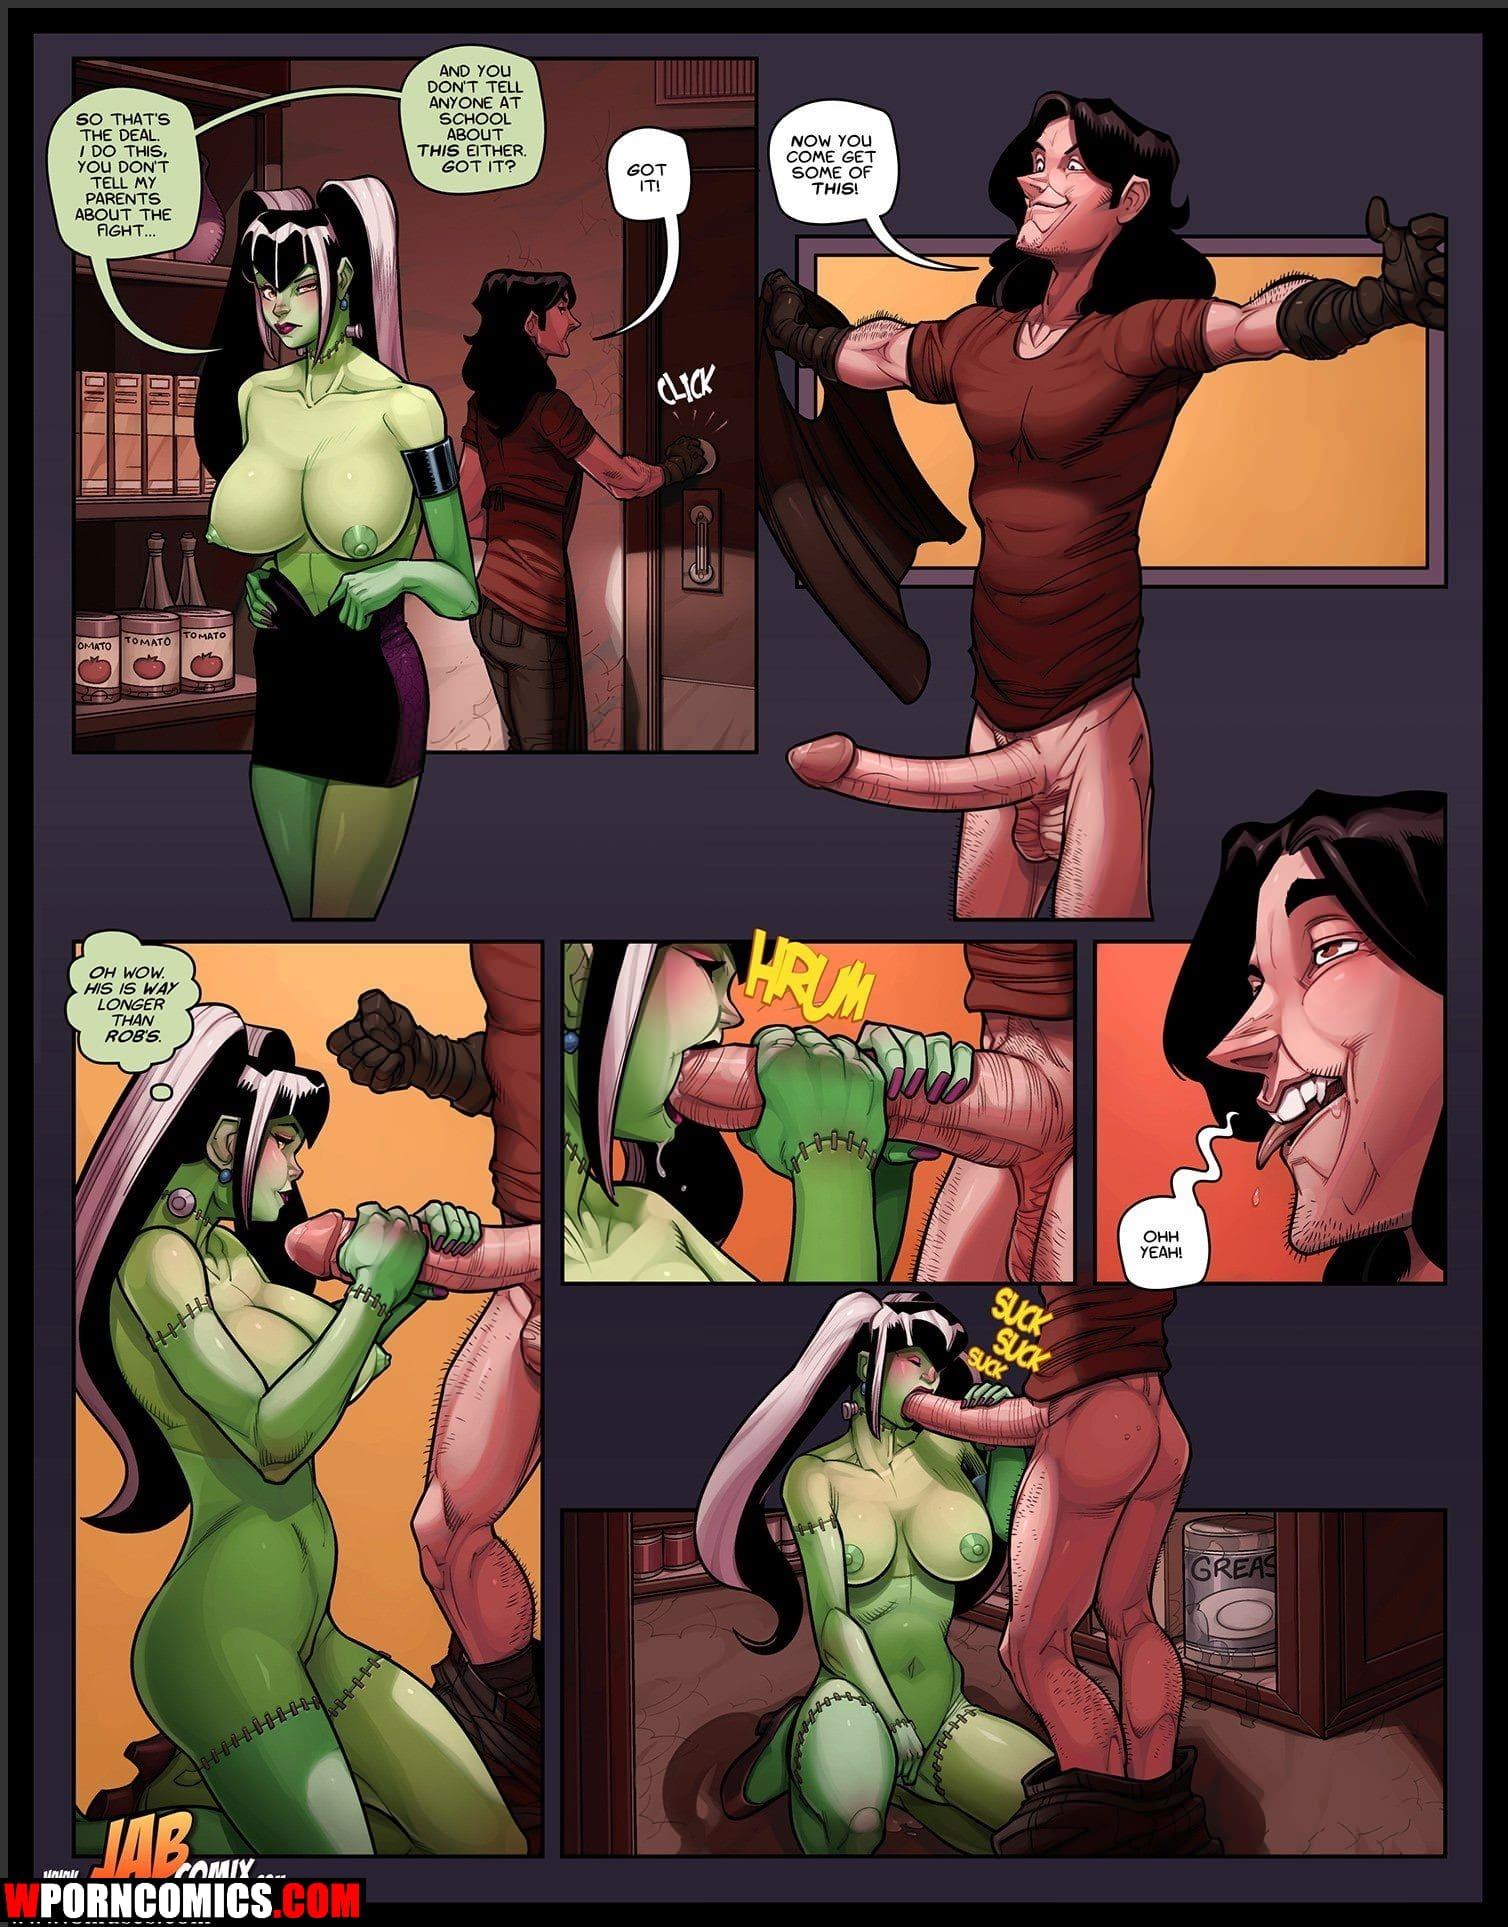 porn-comic-the-creepies-part-3-2020-02-14/porn-comic-the-creepies-part-3-2020-02-14-43898.jpg